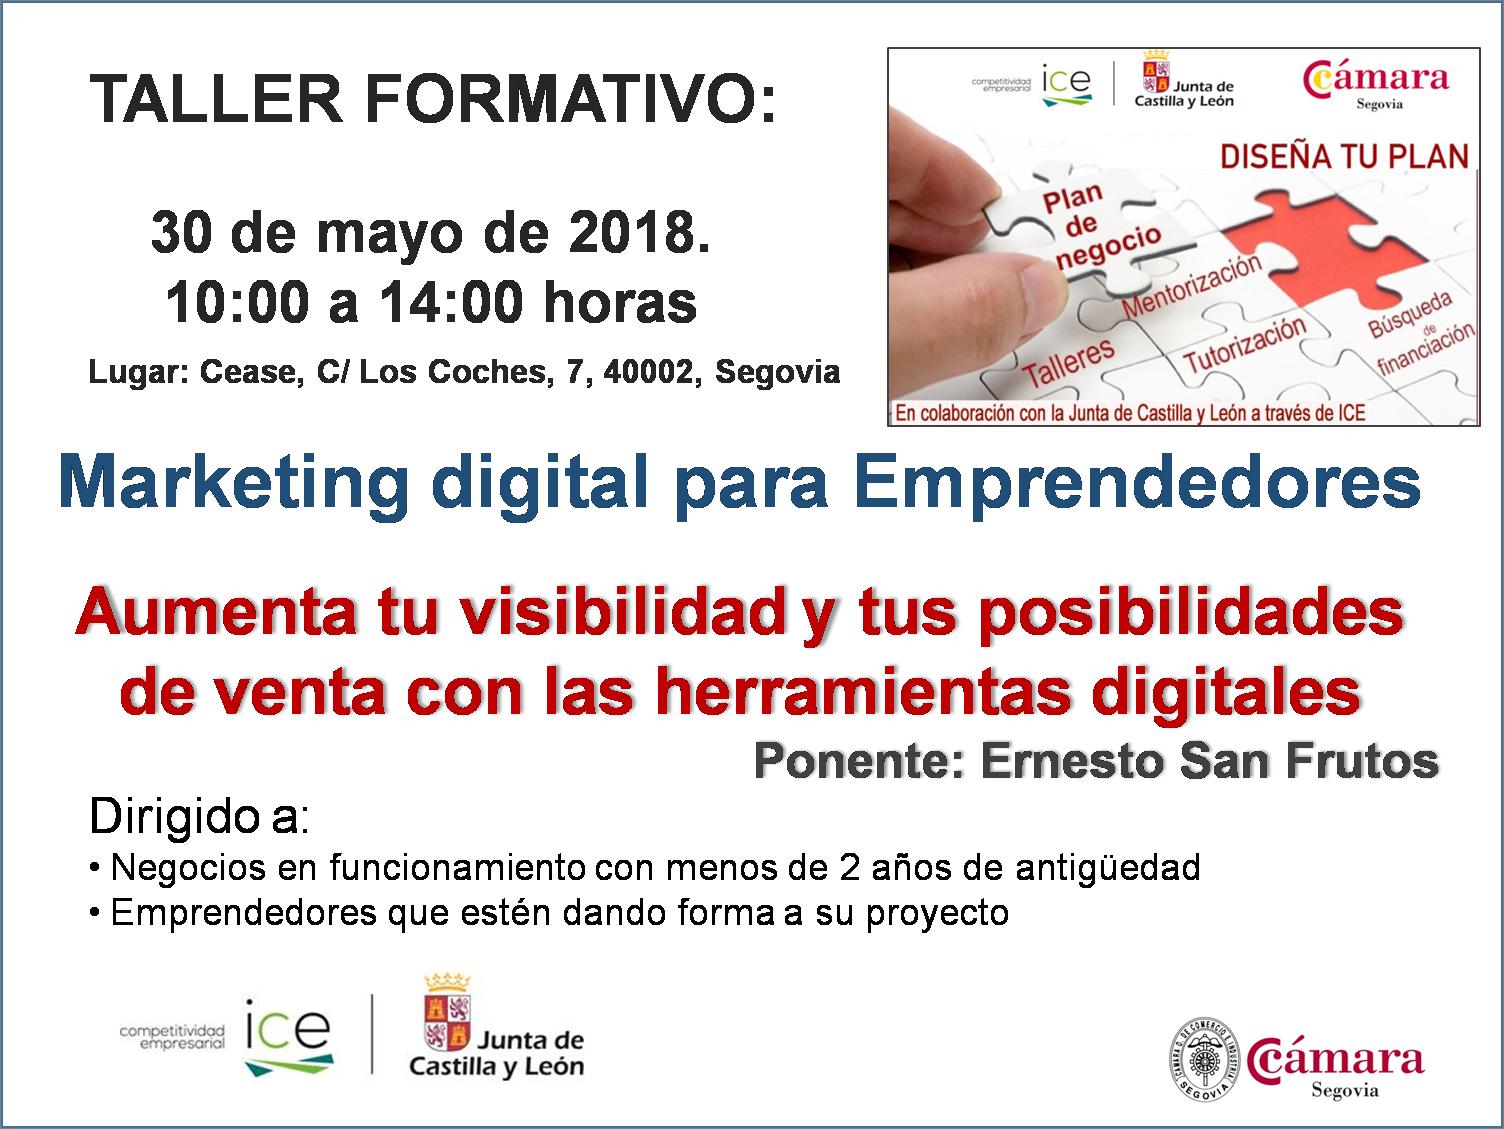 Agenda - Cámara de Comercio, Industria y Servicios de Segovia